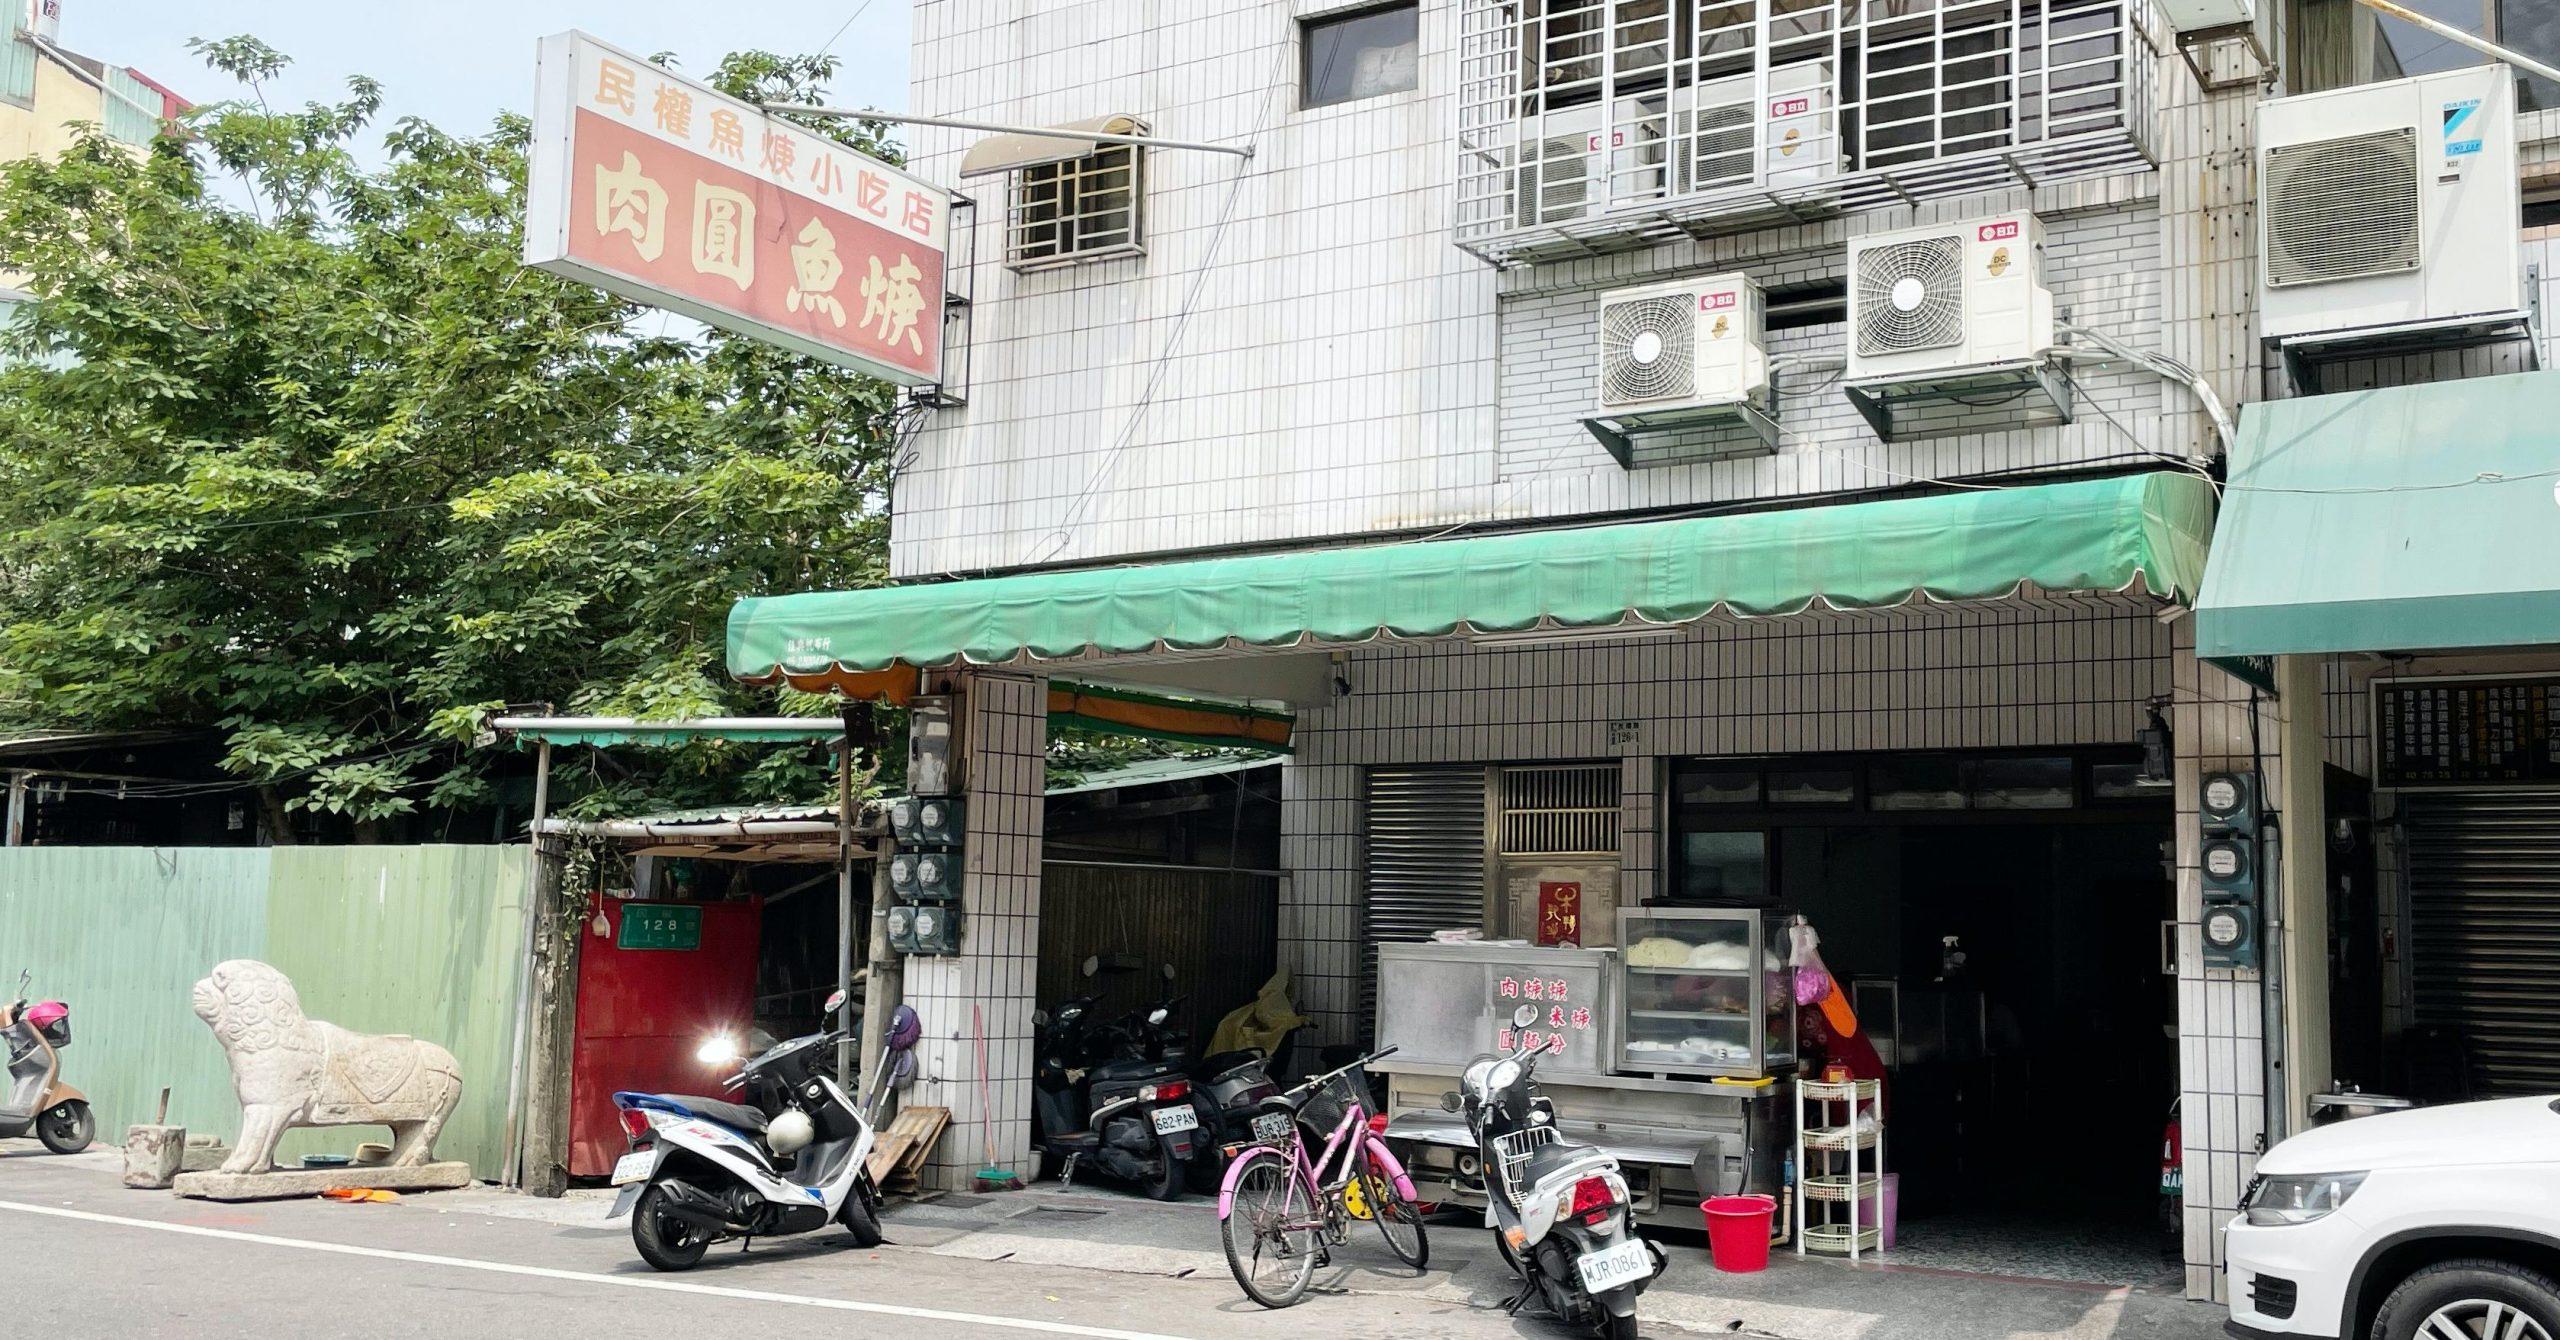 今日熱門文章:【嘉義美食】民權魚羹小吃店,嘉義版浮水魚羹(菜單)